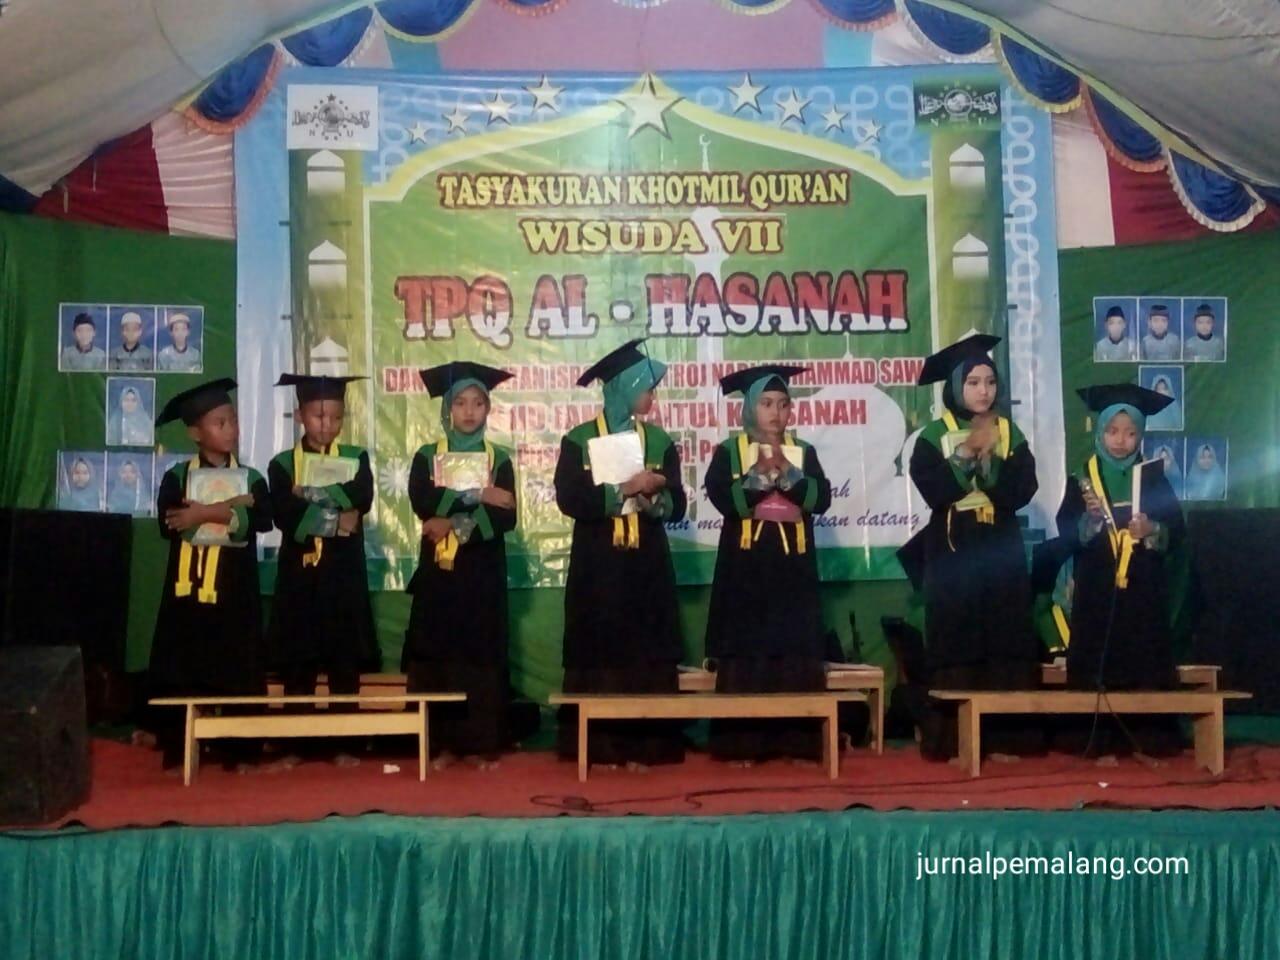 Pengajian Umum Dalam Rangka Tasyakuran Dan Khotmil Al Quran Yang Diadakan Oleh Tpq Al Hasanah Di Dukuh Peron Kelurahan Petarukan Kecamatan Petarukan